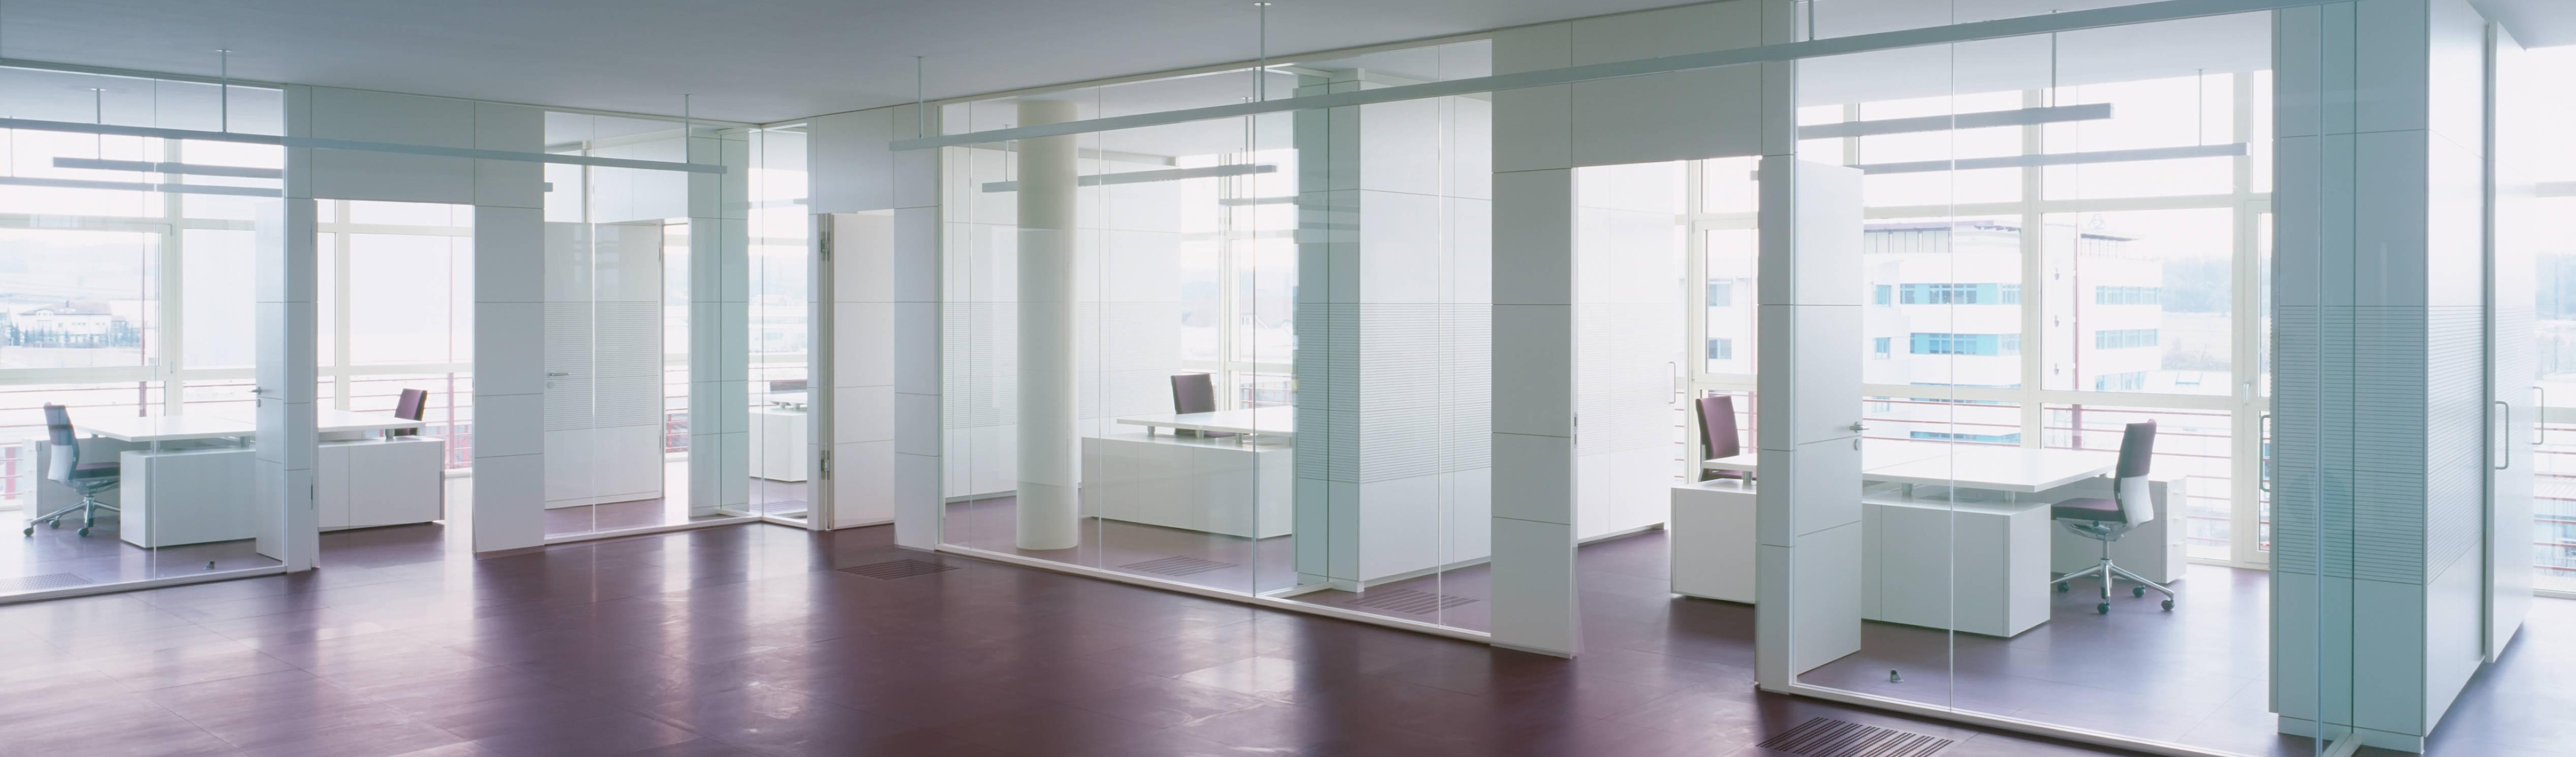 nicht von der stange von ho h usler ortmann. Black Bedroom Furniture Sets. Home Design Ideas